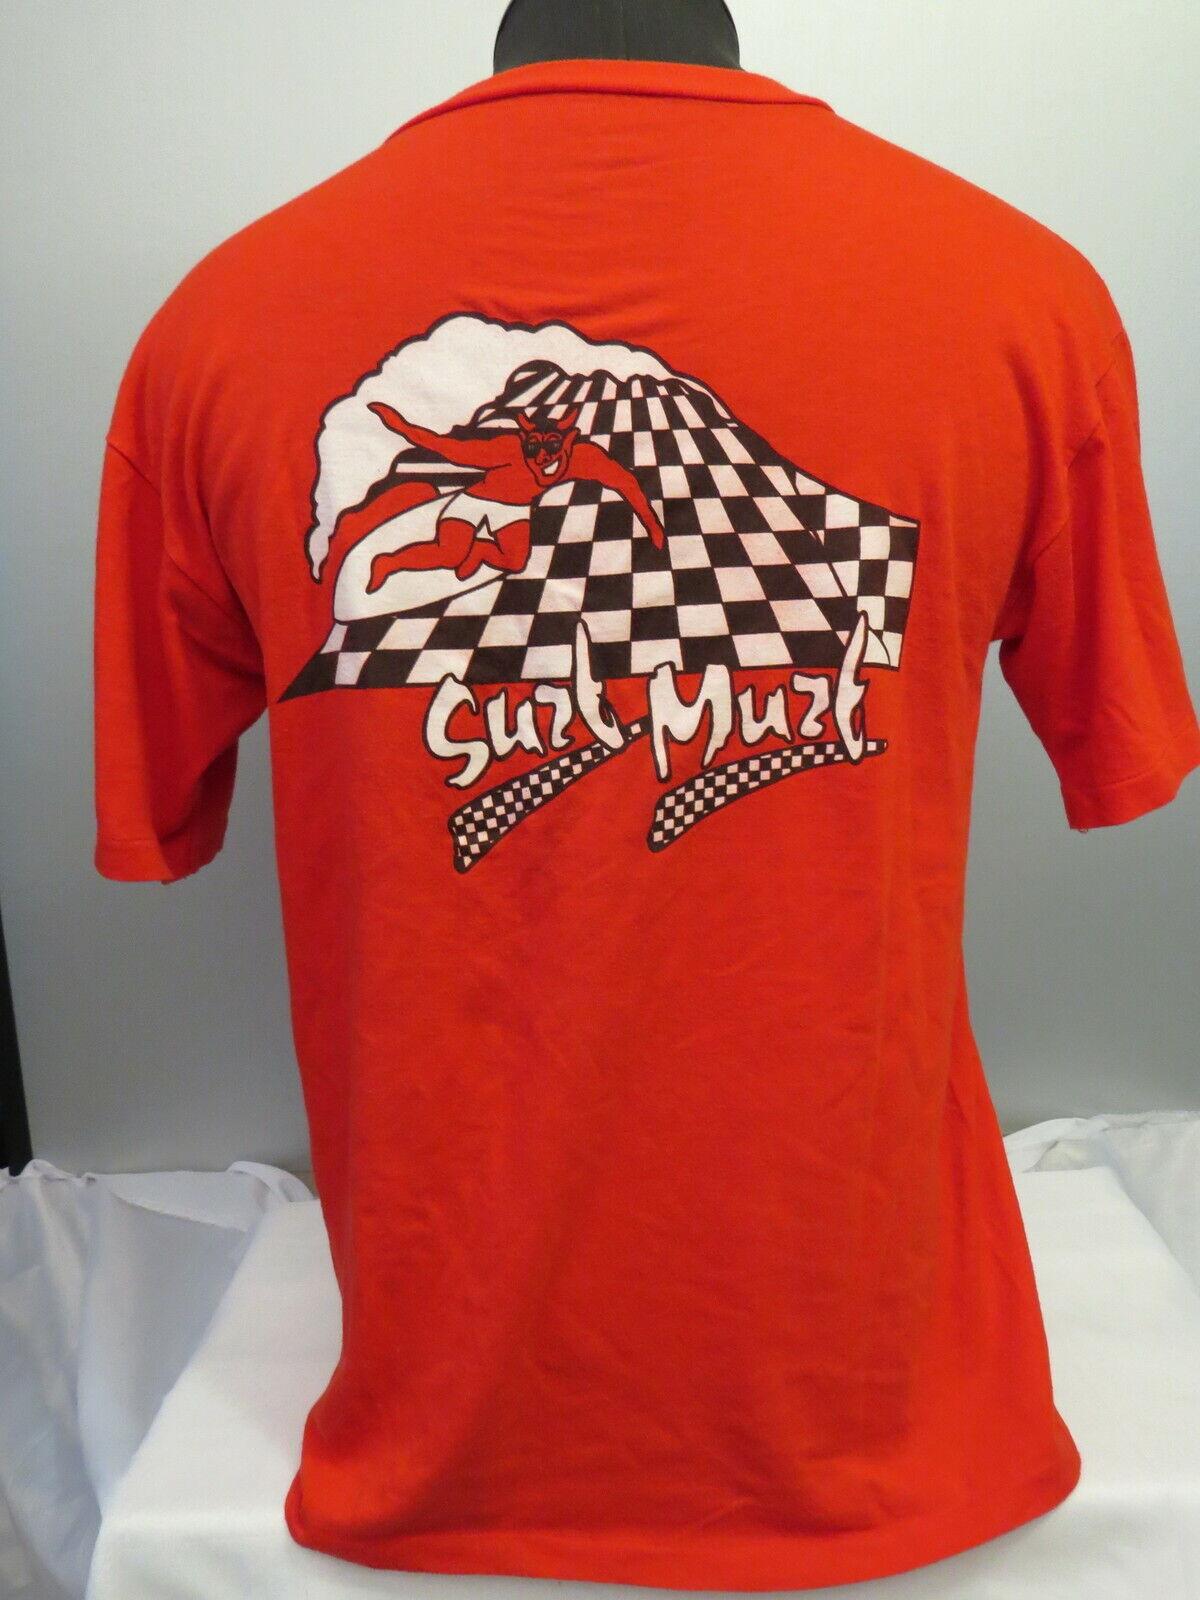 Camisa de surf Vintage-Murphy Surf muzt-Checkboard Diablo Gráfico-de hombre grandes